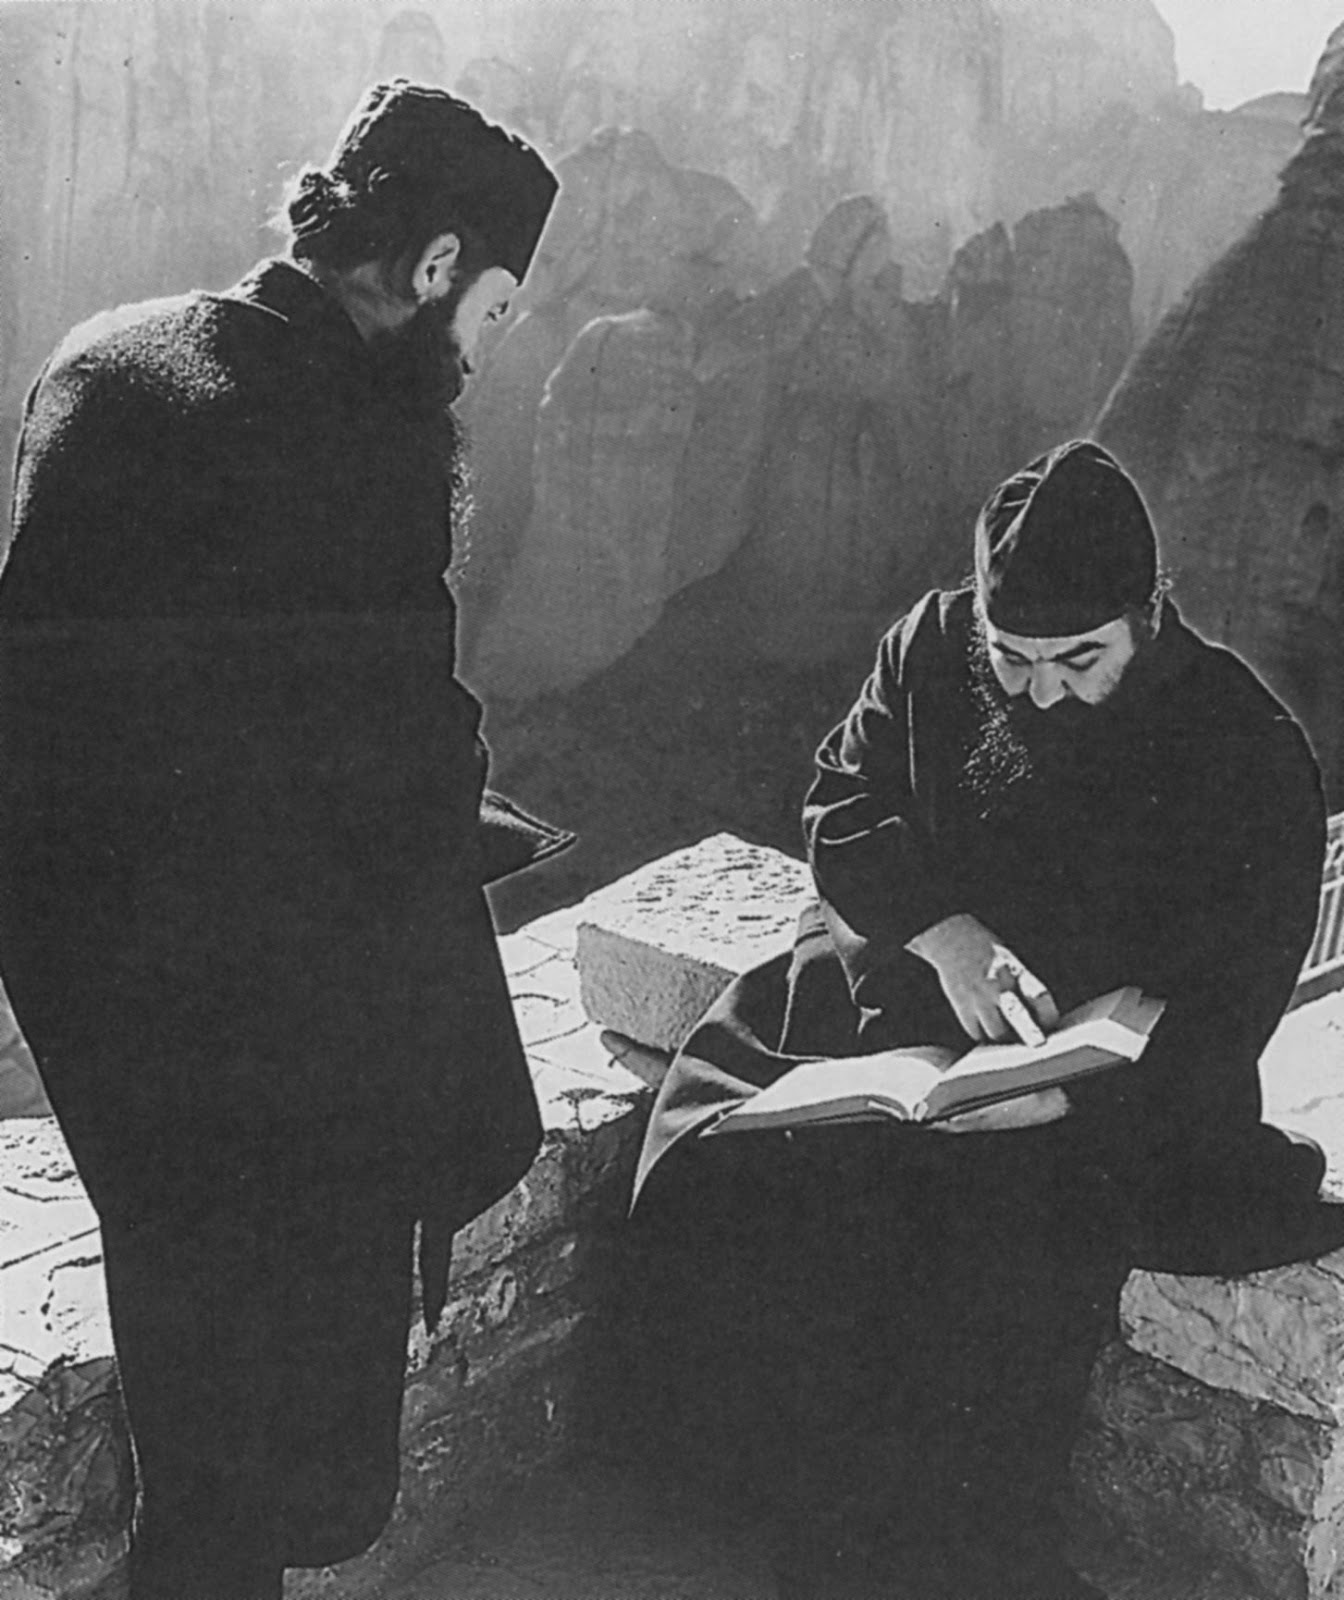 Ωρα μελέτης και περισυλλογής στη Μονή Βαρλαάμ, με φόντο το βιβλικό τοπίο των Μετεώρων.